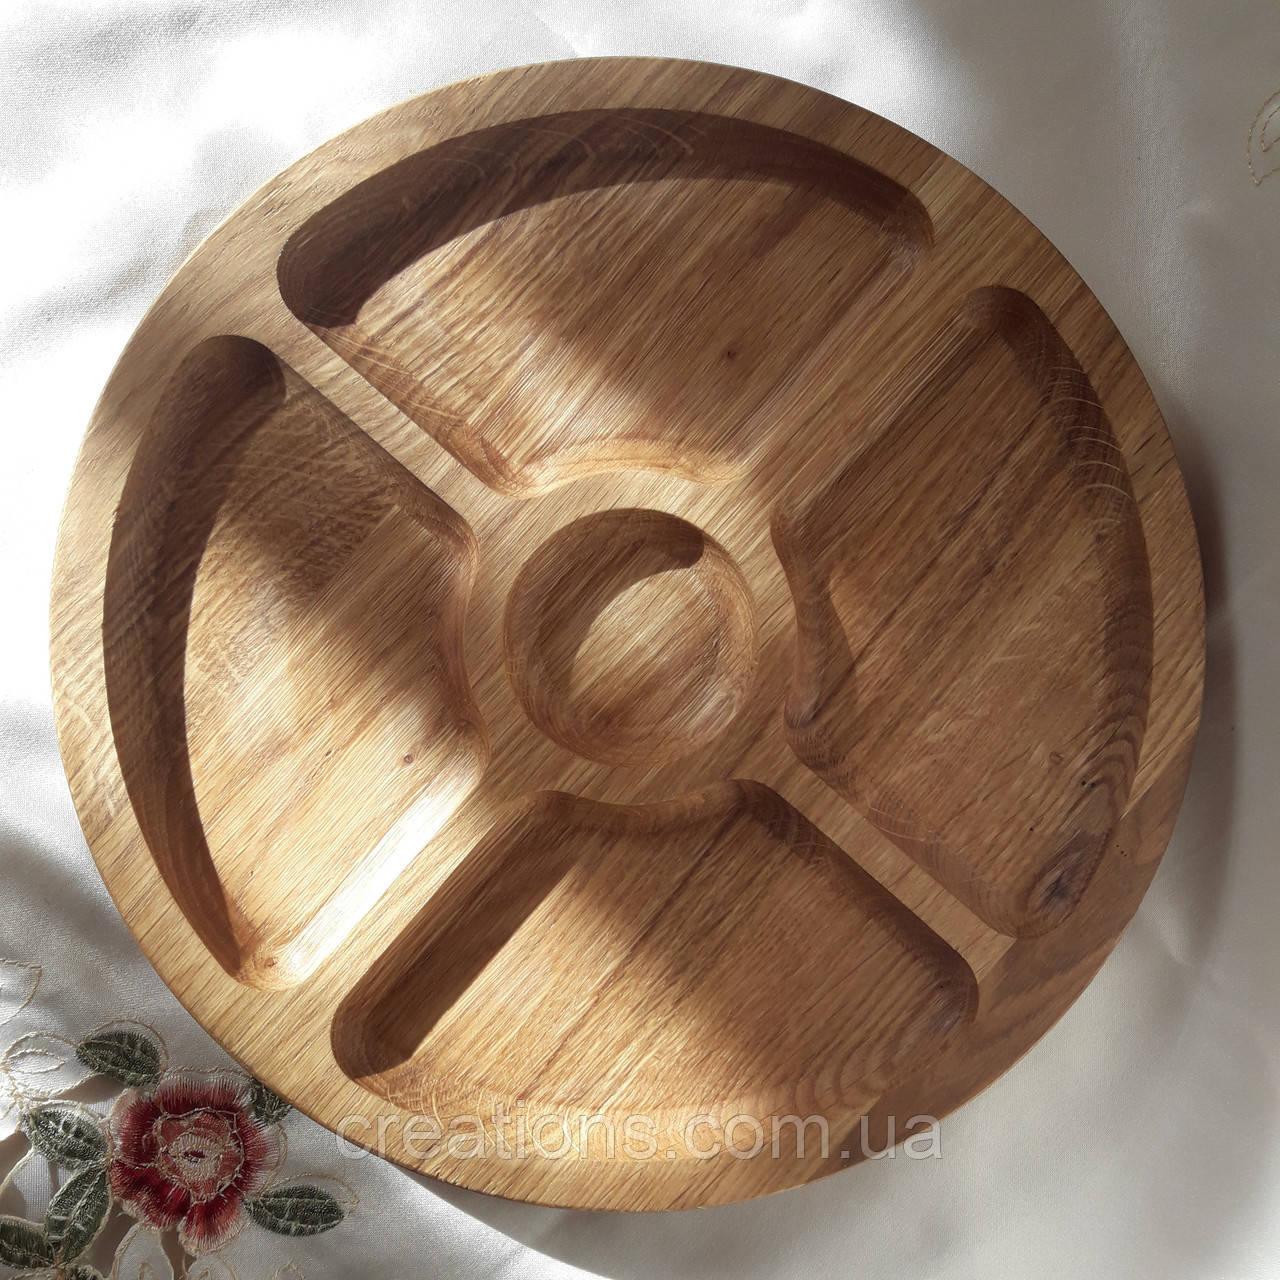 Менажница деревянная доска для подачи блюд 35 см.круглая на 4 деления с соусницей из дуба двусторонняя